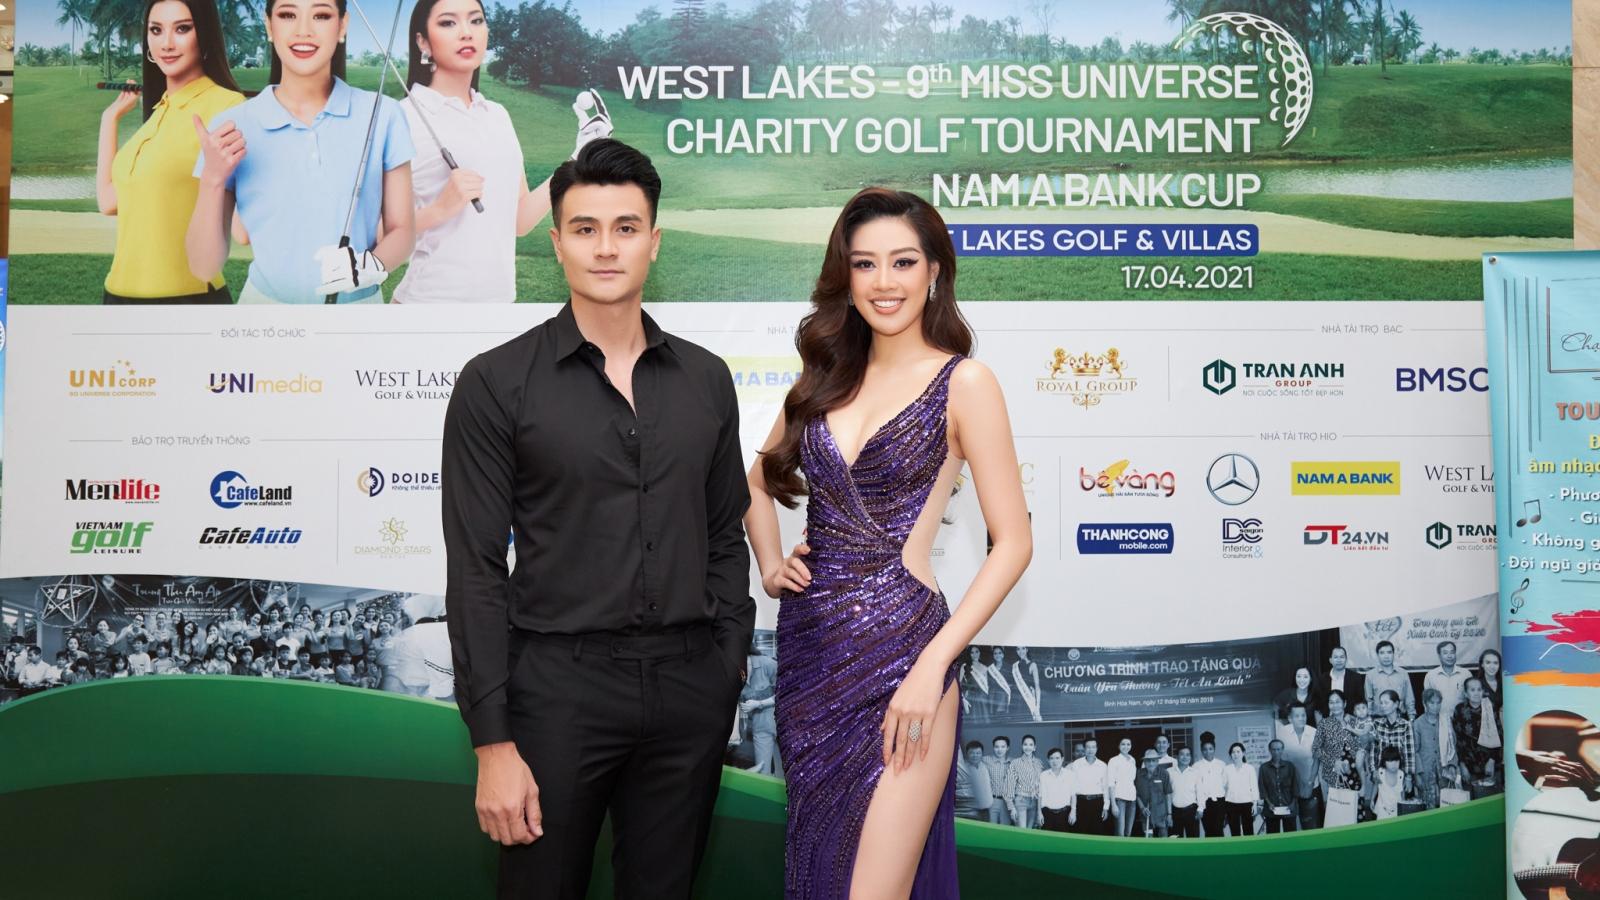 Hoa hậu Khánh Vân diện đầm tím quyến rũ, sánh đôi cùng siêu mẫu Vĩnh Thụy